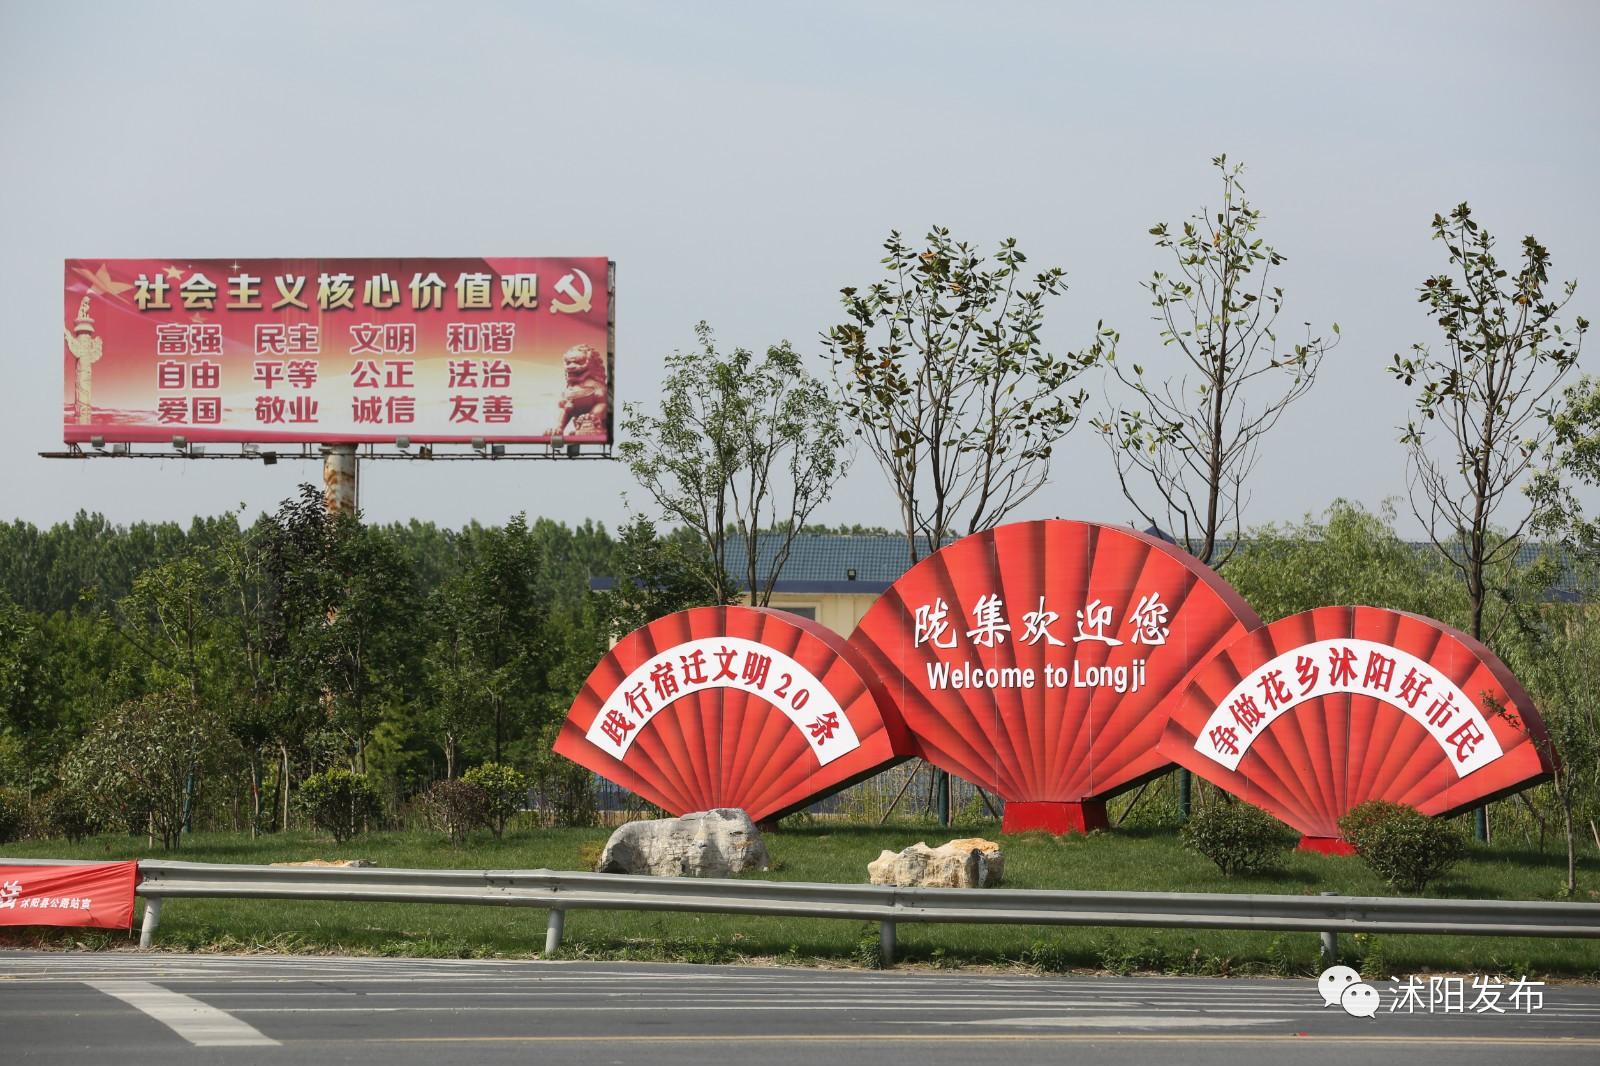 芦笛小学一年级小朋友街头墙绘文明故事 助力创... - 桂林生活网